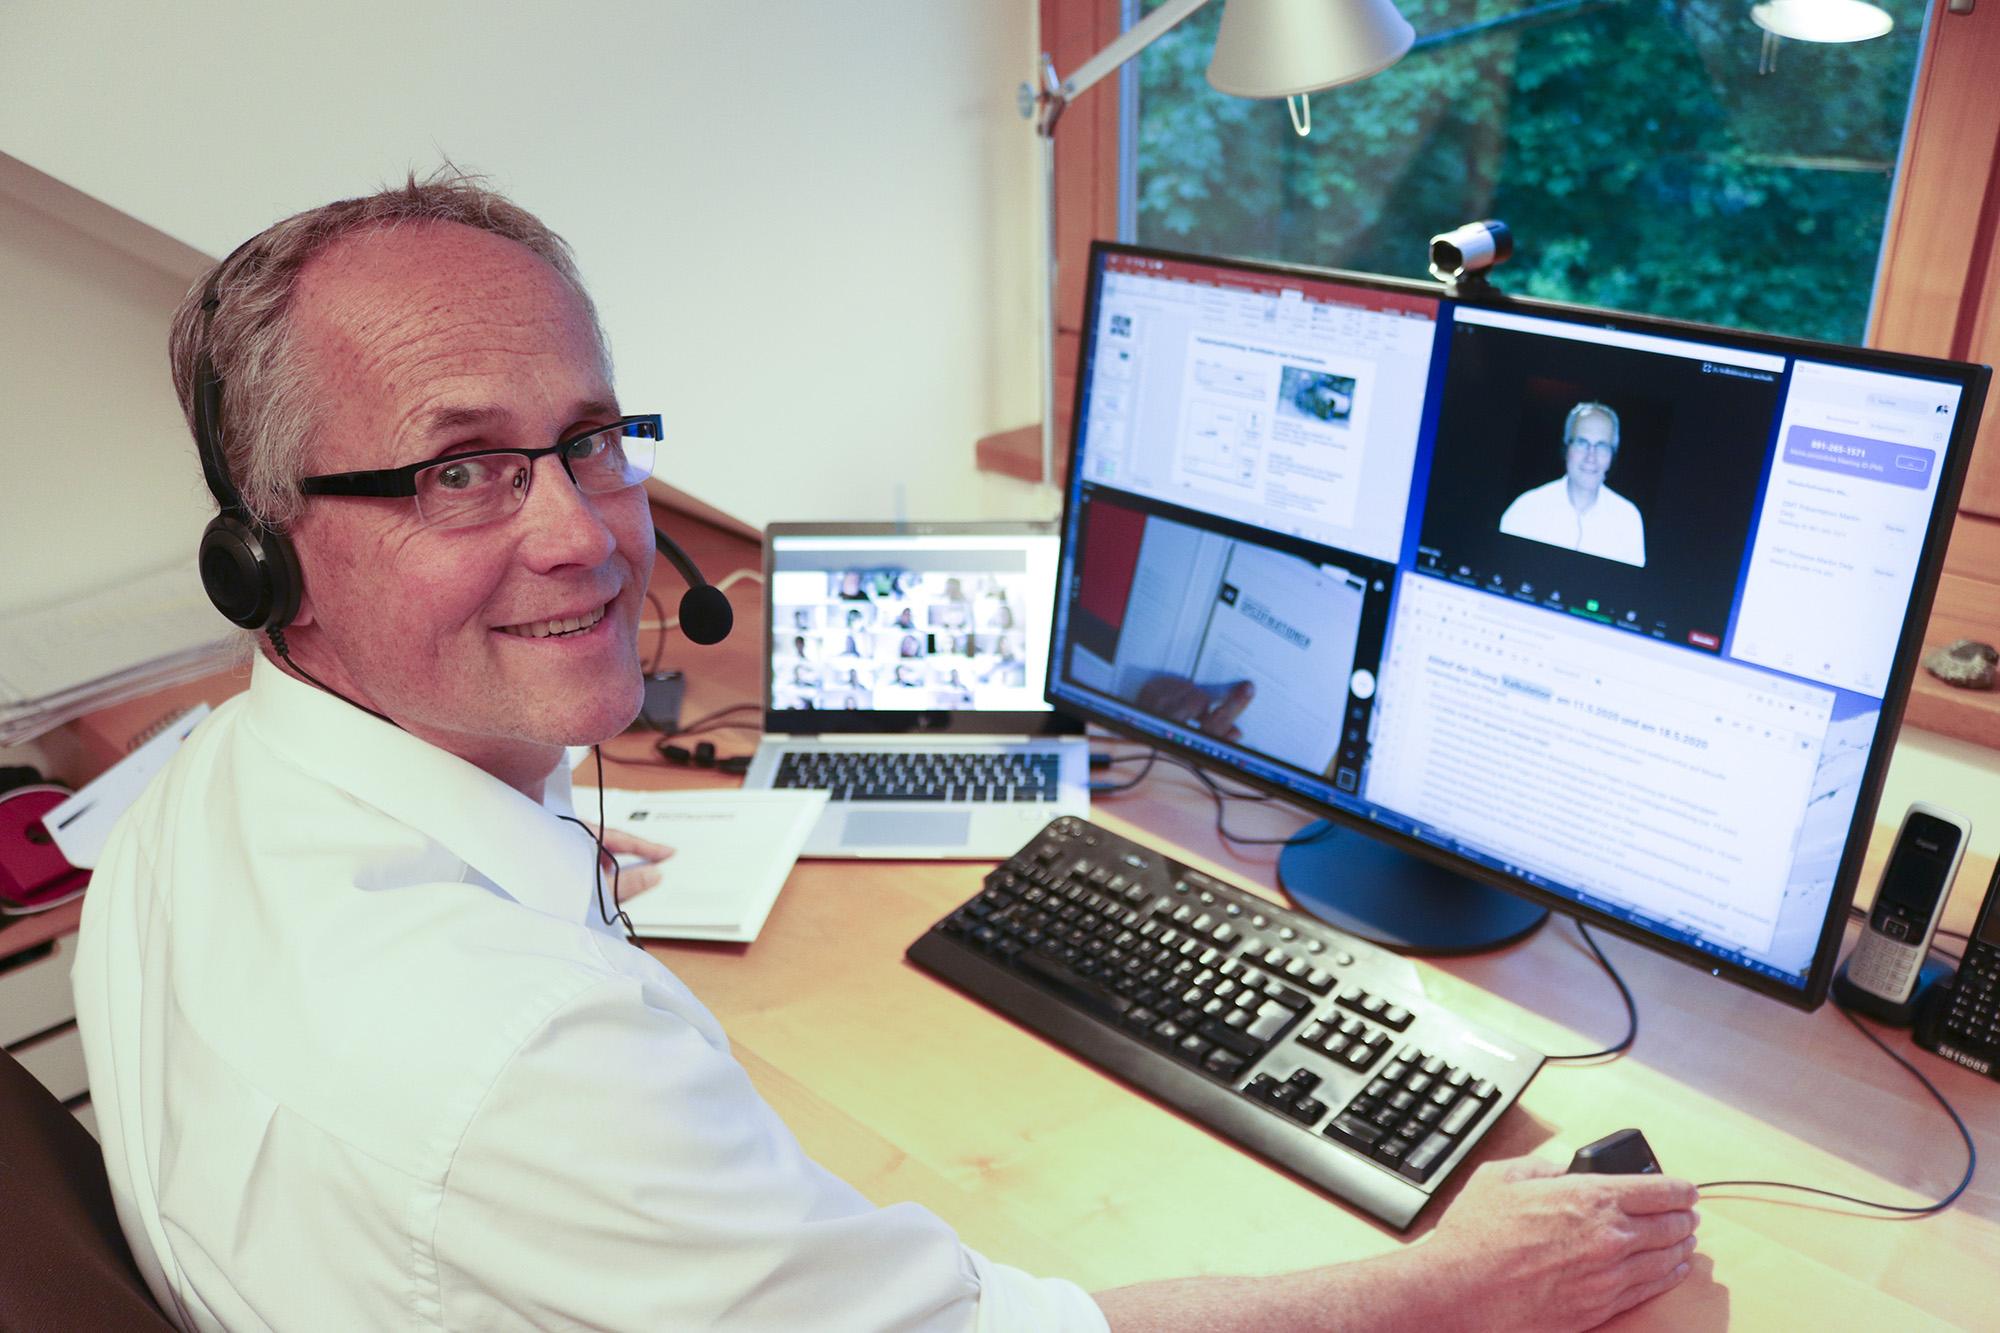 Professor_Martin_Delp Umstellung auf Online-Lehre in Rekordzeit